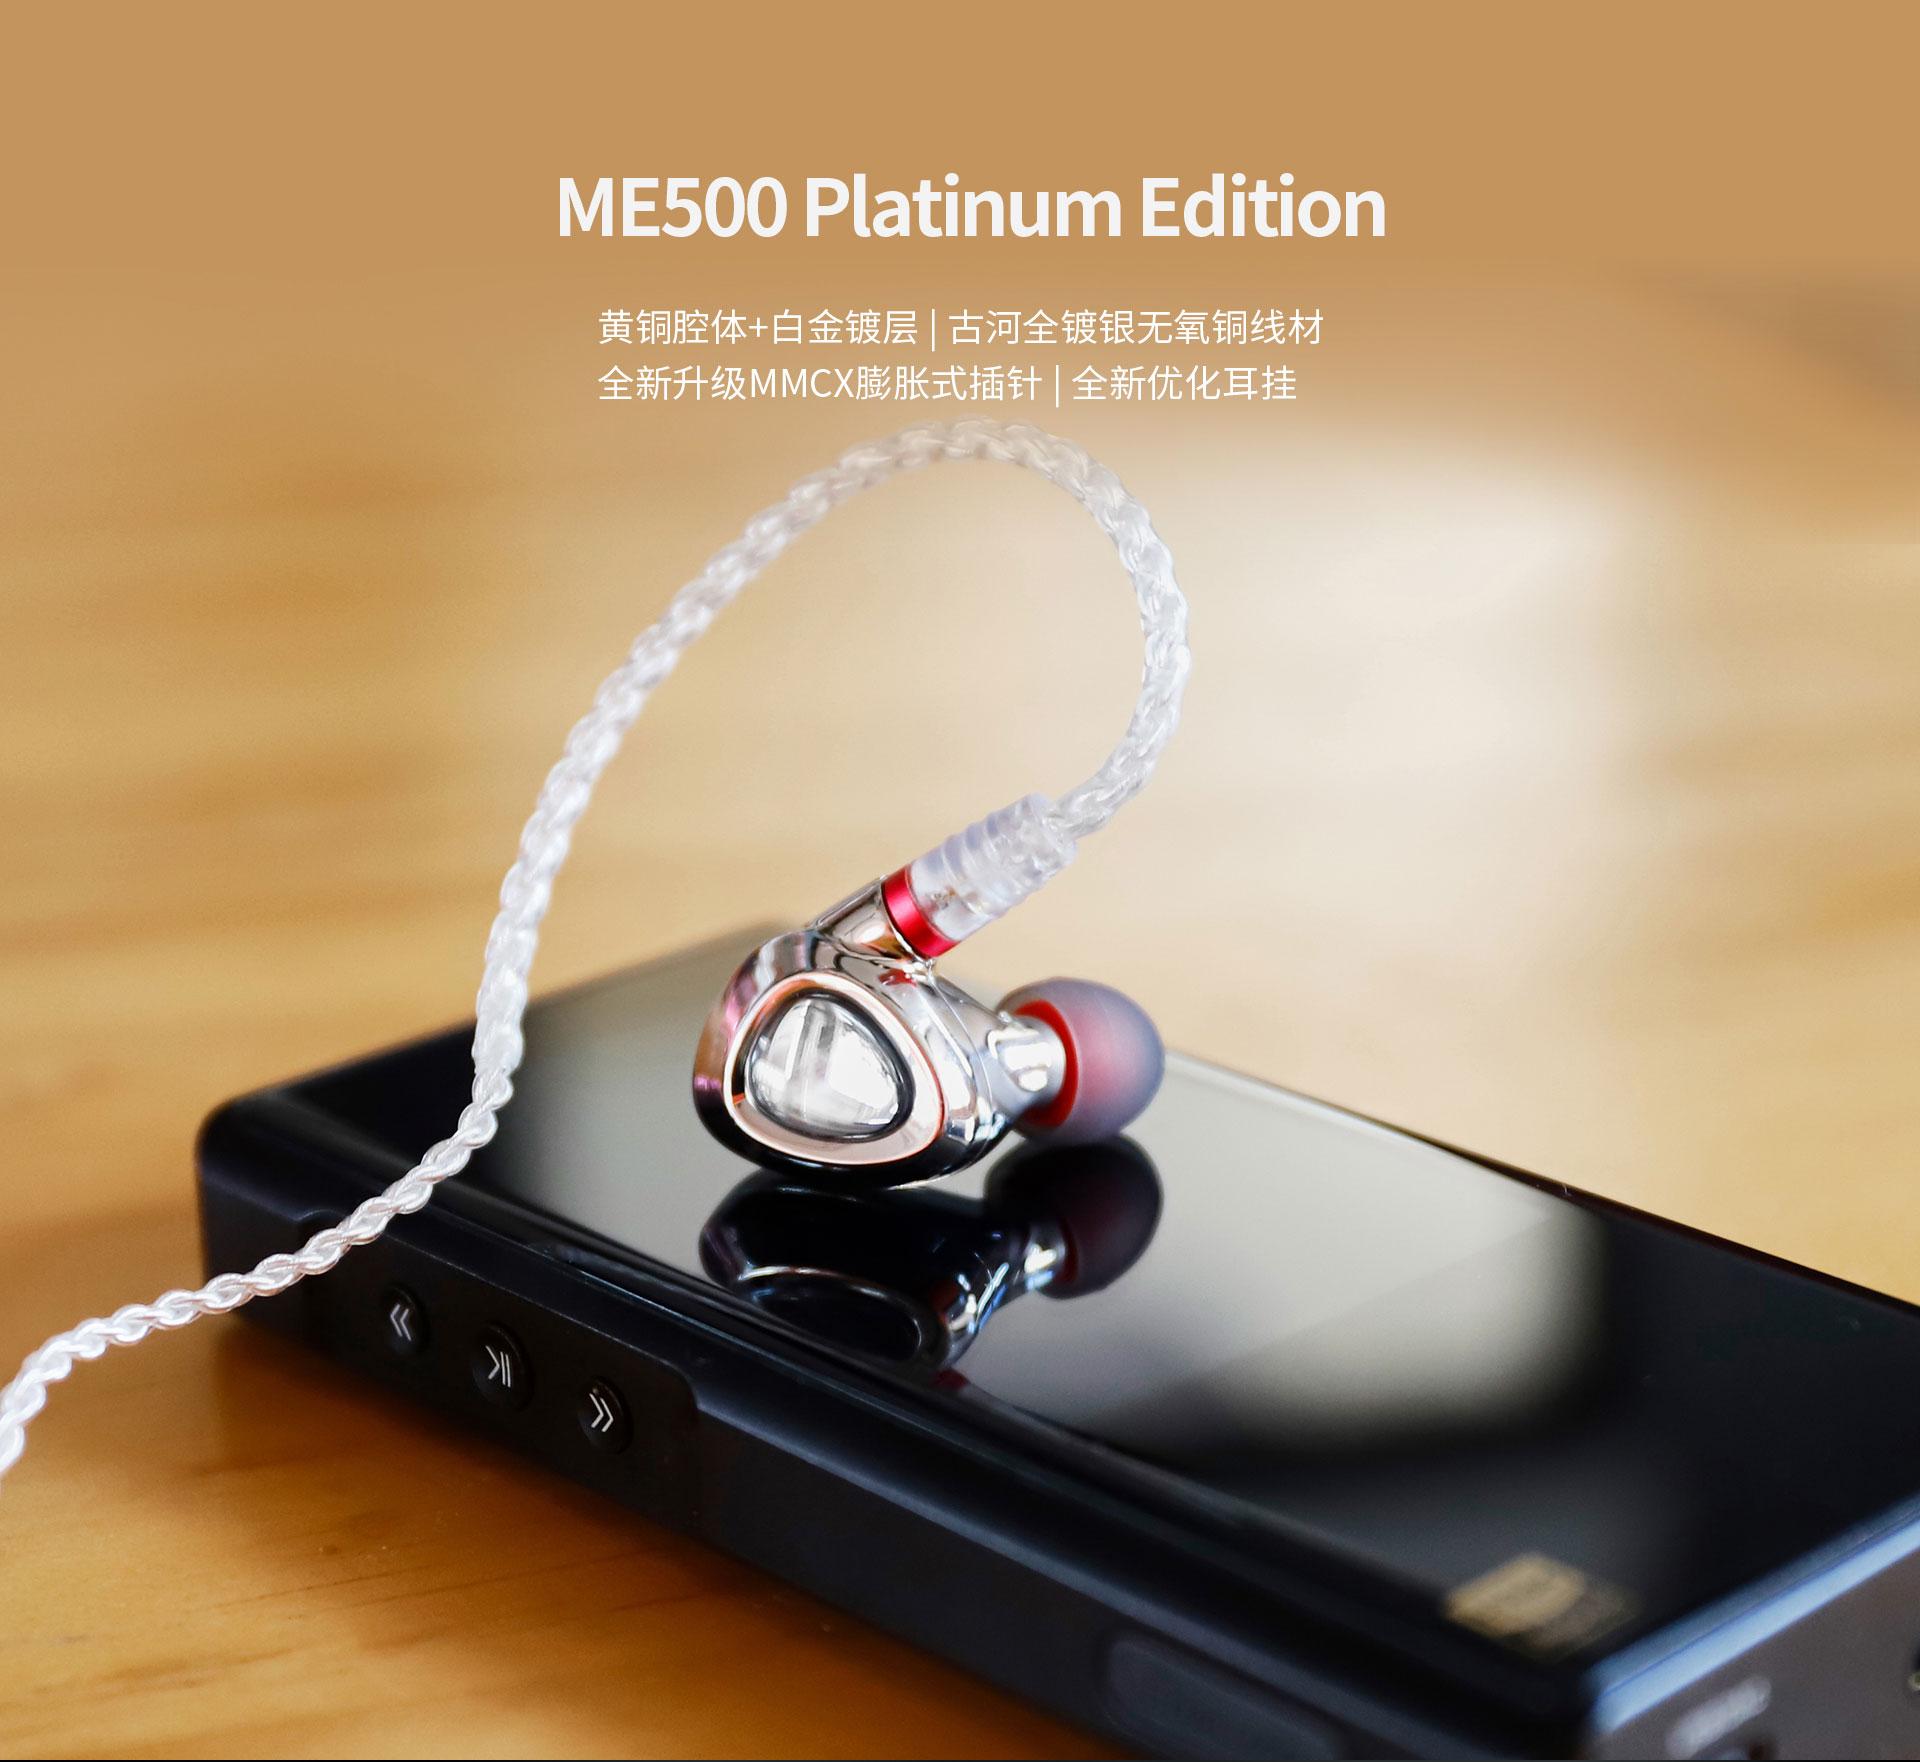 ME500白金版详情---官网_01.jpg